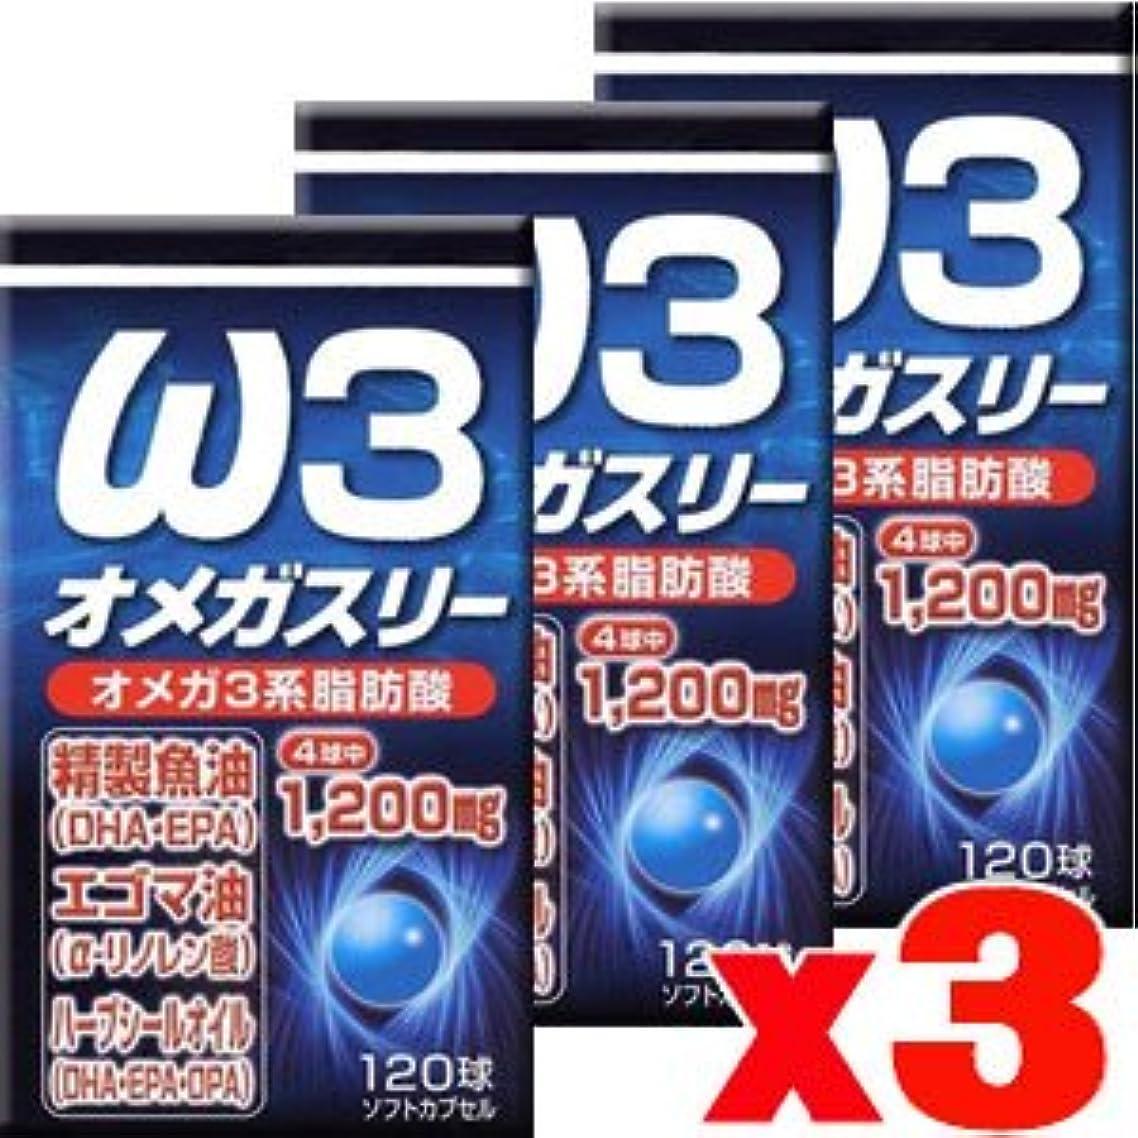 利点二生じるユウキ製薬 オメガスリー 120球x3個(4524326201898)